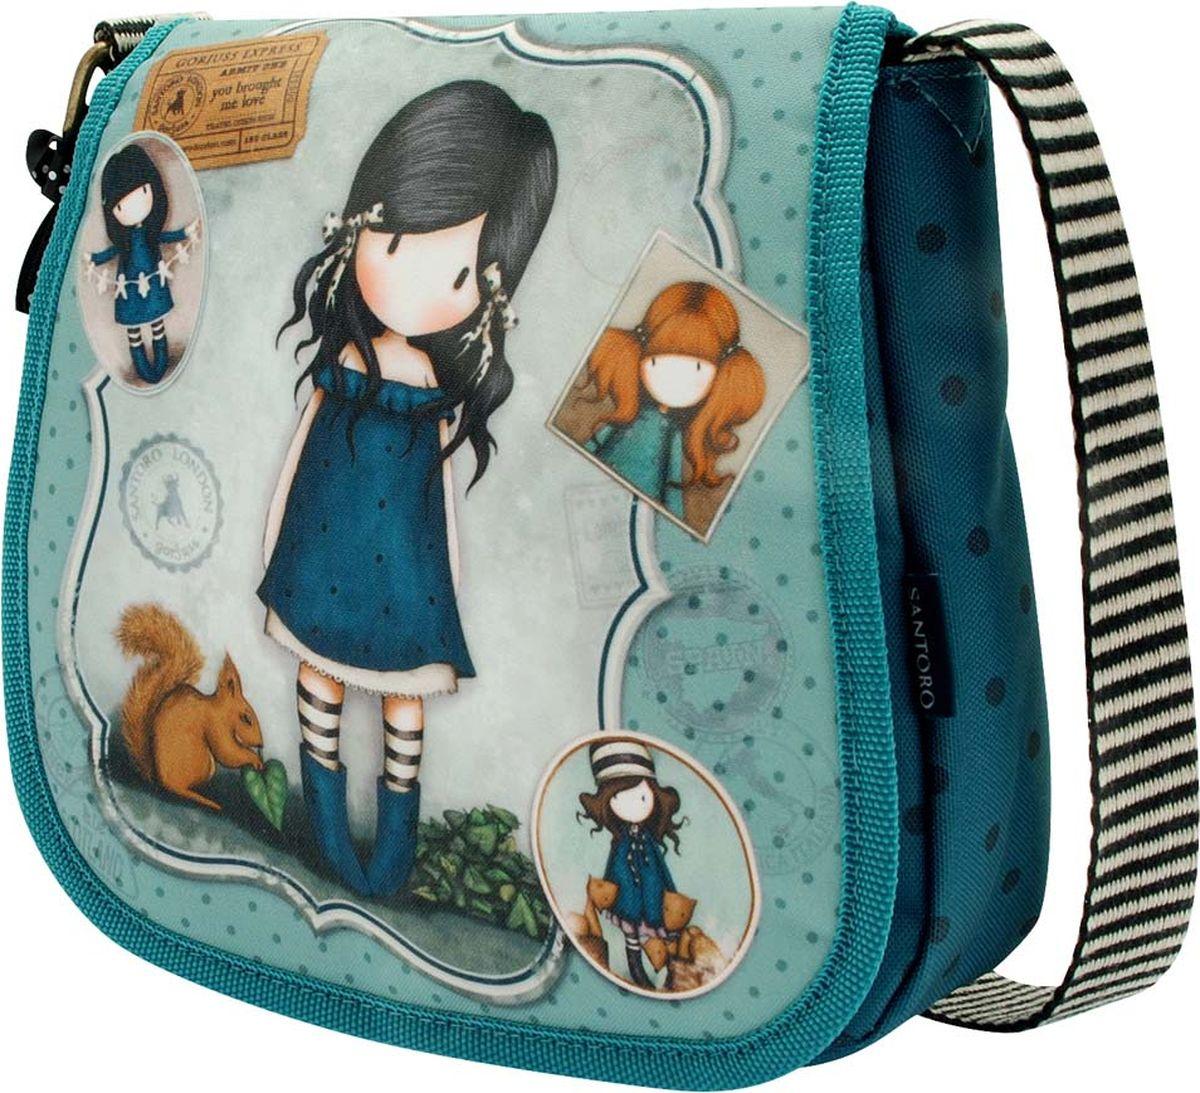 Santoro Сумка детская на плечо You Brought Me Love0013820Классический сетчел - это восхитительно модный аксессуар.С регулируемым монохромным ремнем сумка может носиться на любой предпочтительной длине.Пряжки из искусственной кожи детализируют переднюю часть сумочки.Имеет два просторных отсека, дополнительный карман на молнии и держатель мобильного телефона для дополнительной функциональности.Материал: Наружный: Полиэфир 100%, Подкладка: Полиэфир 100%.